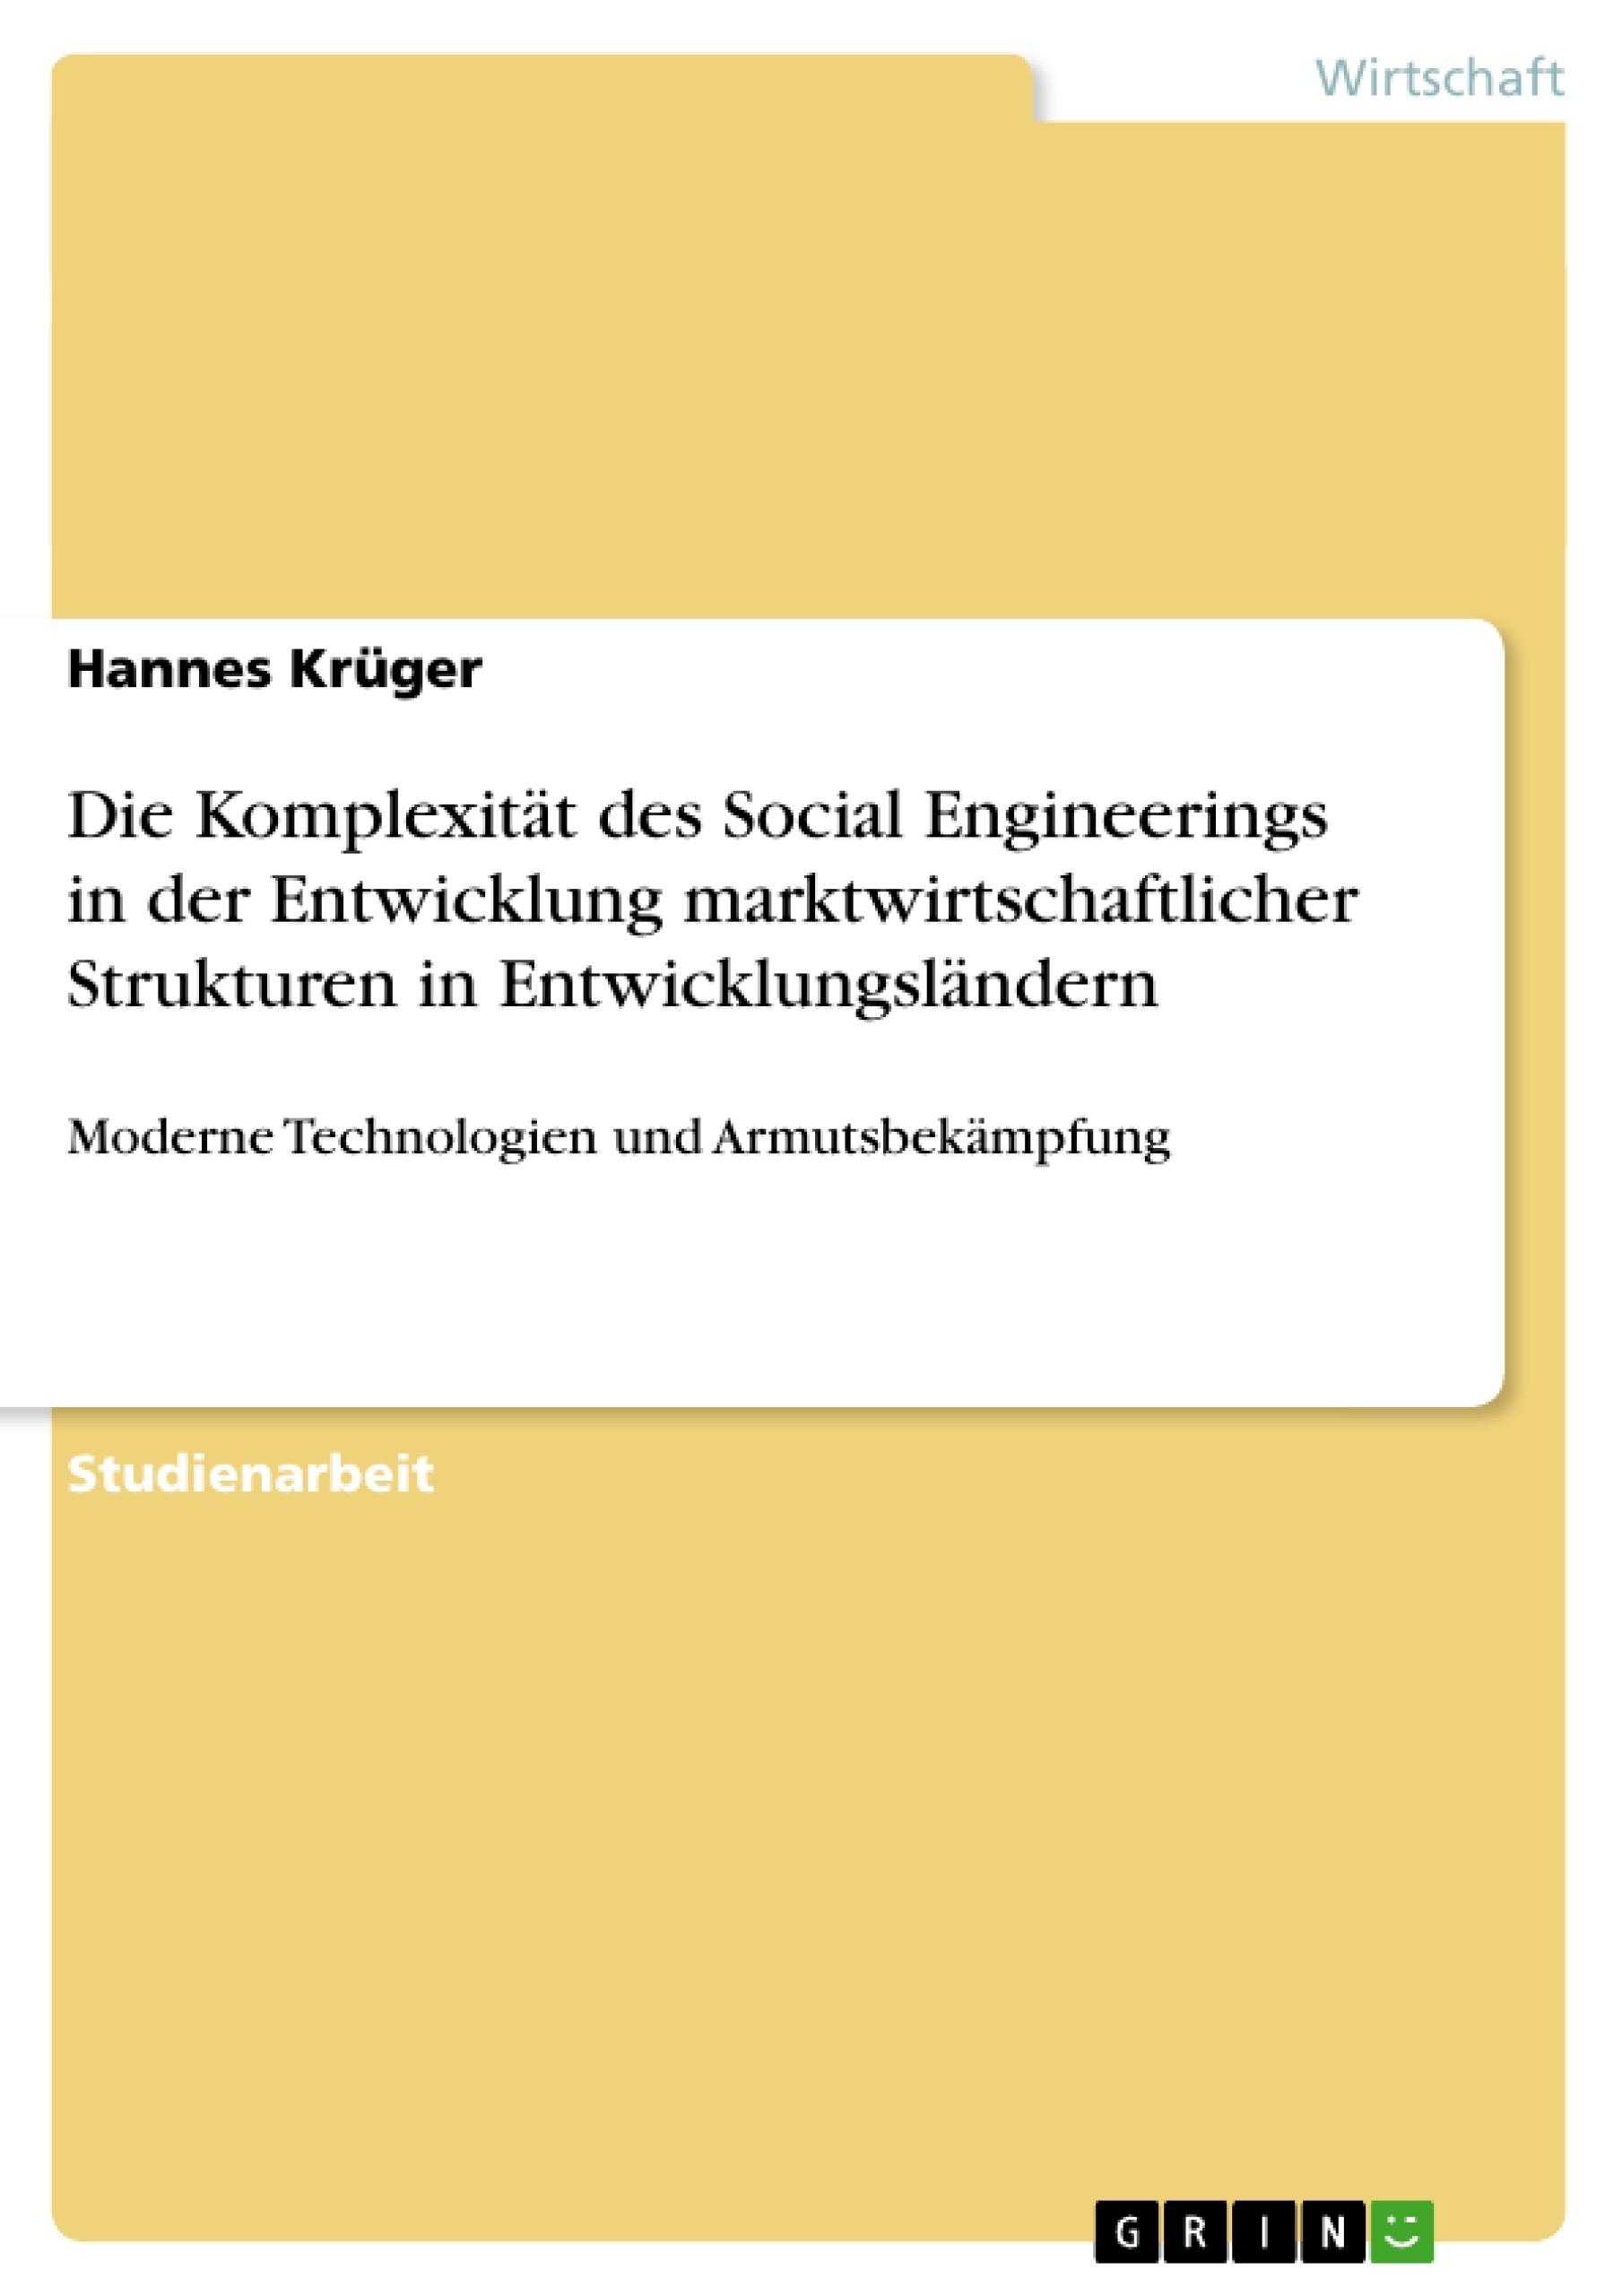 Titel: Die Komplexität des Social Engineerings in der Entwicklung marktwirtschaftlicher Strukturen in Entwicklungsländern